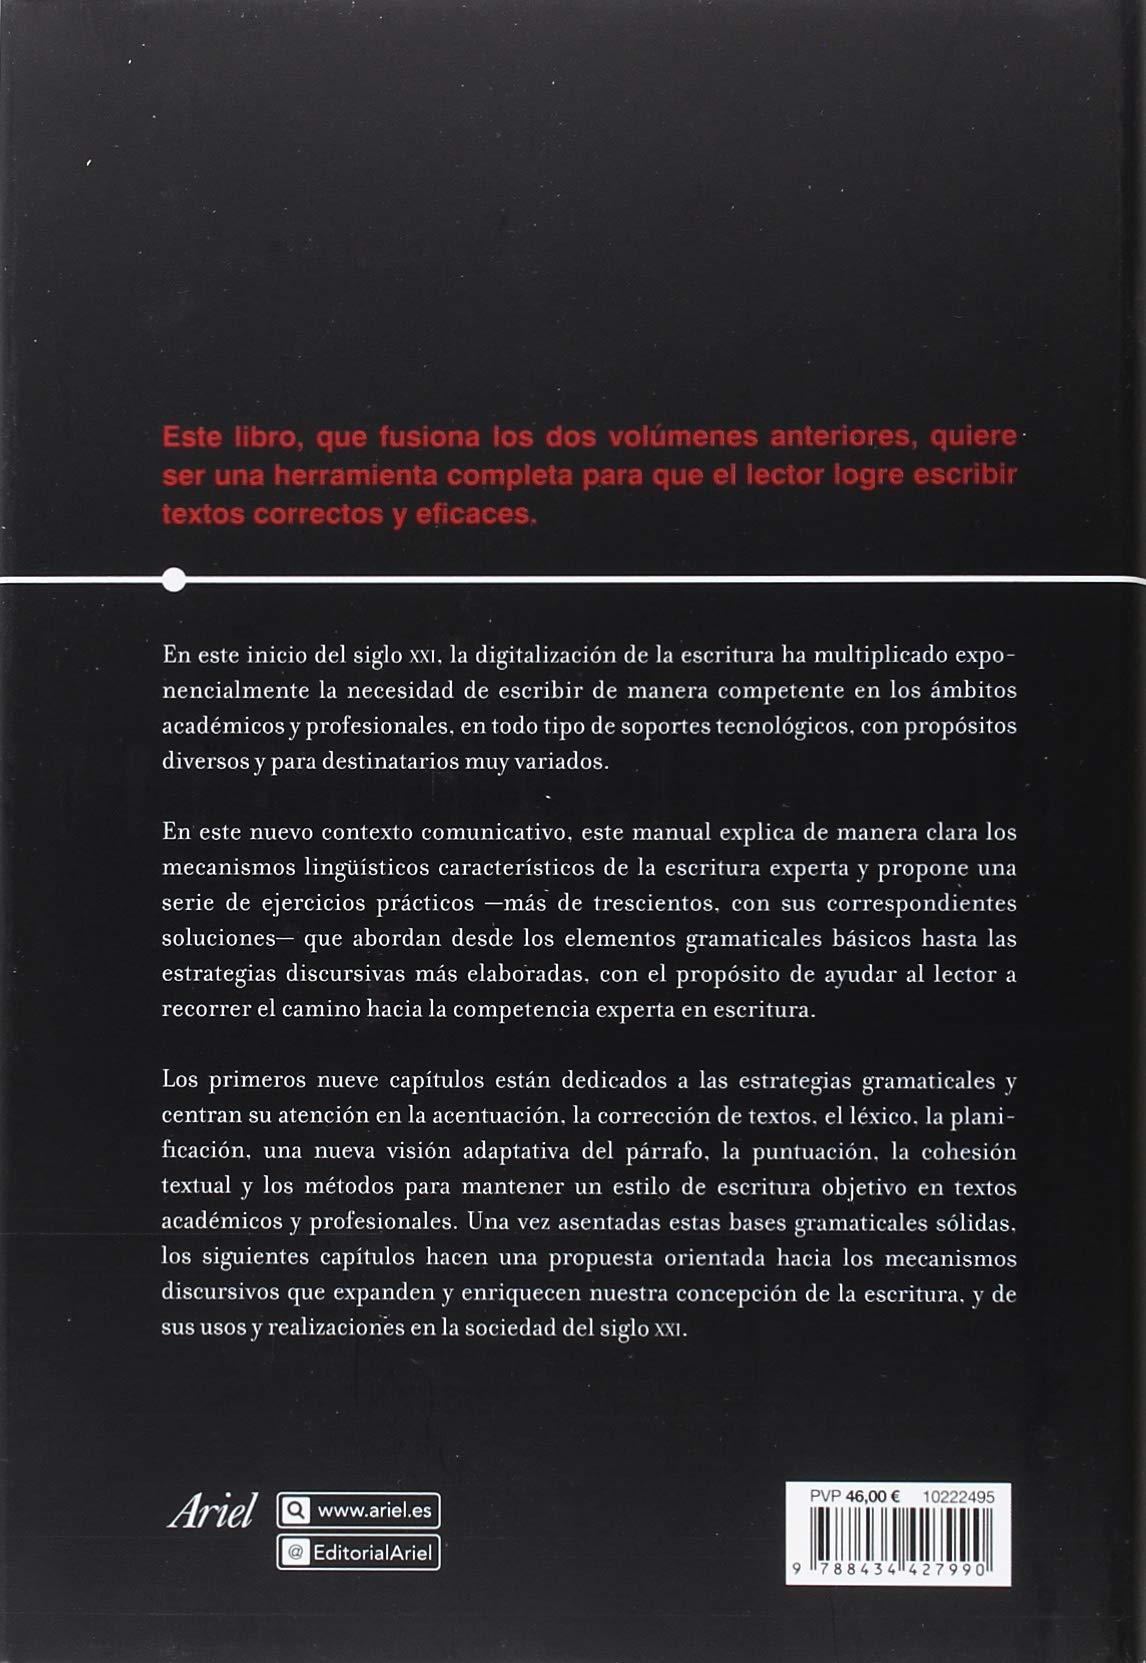 Manual de escritura académica y profesional vol. I y II : Estrategias  gramaticales y discursivas Ariel Letras: Amazon.es: Estrella Montolío:  Libros